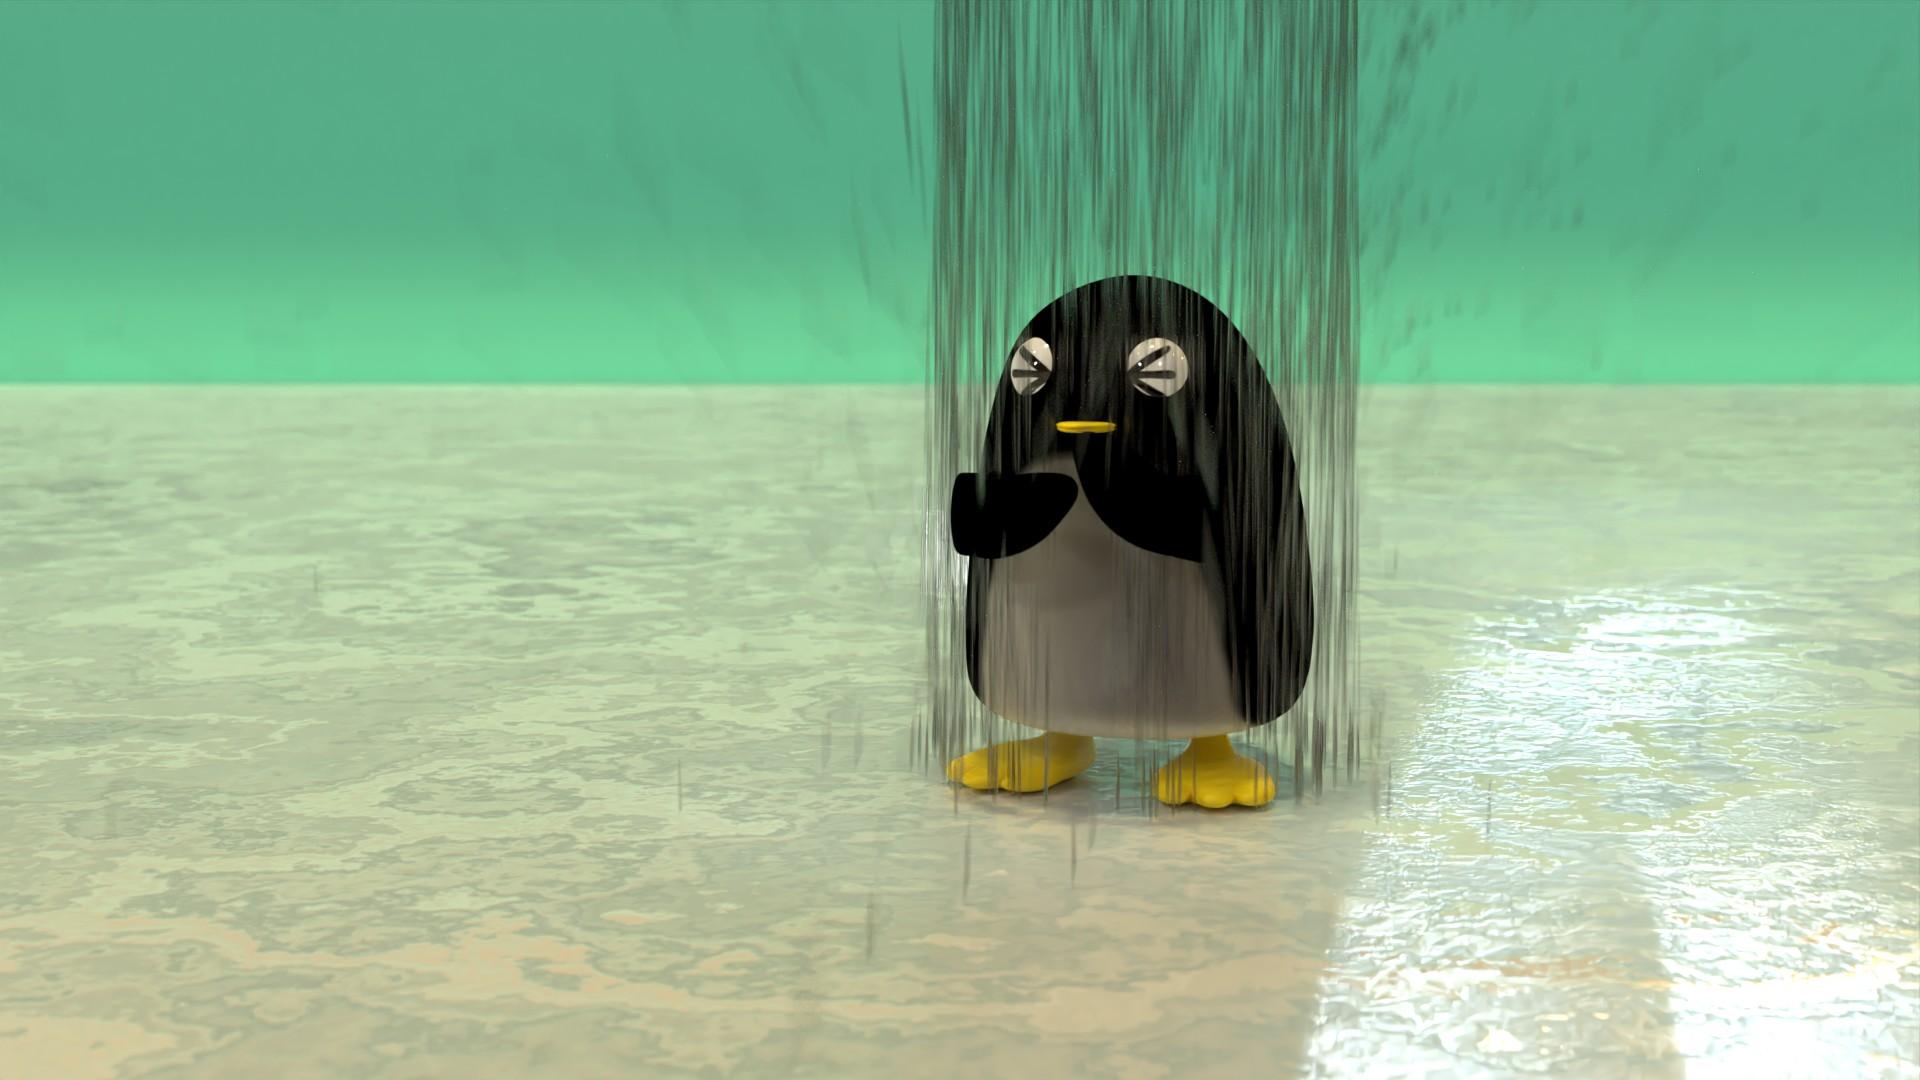 シャワーを浴びるぺんぎんさん